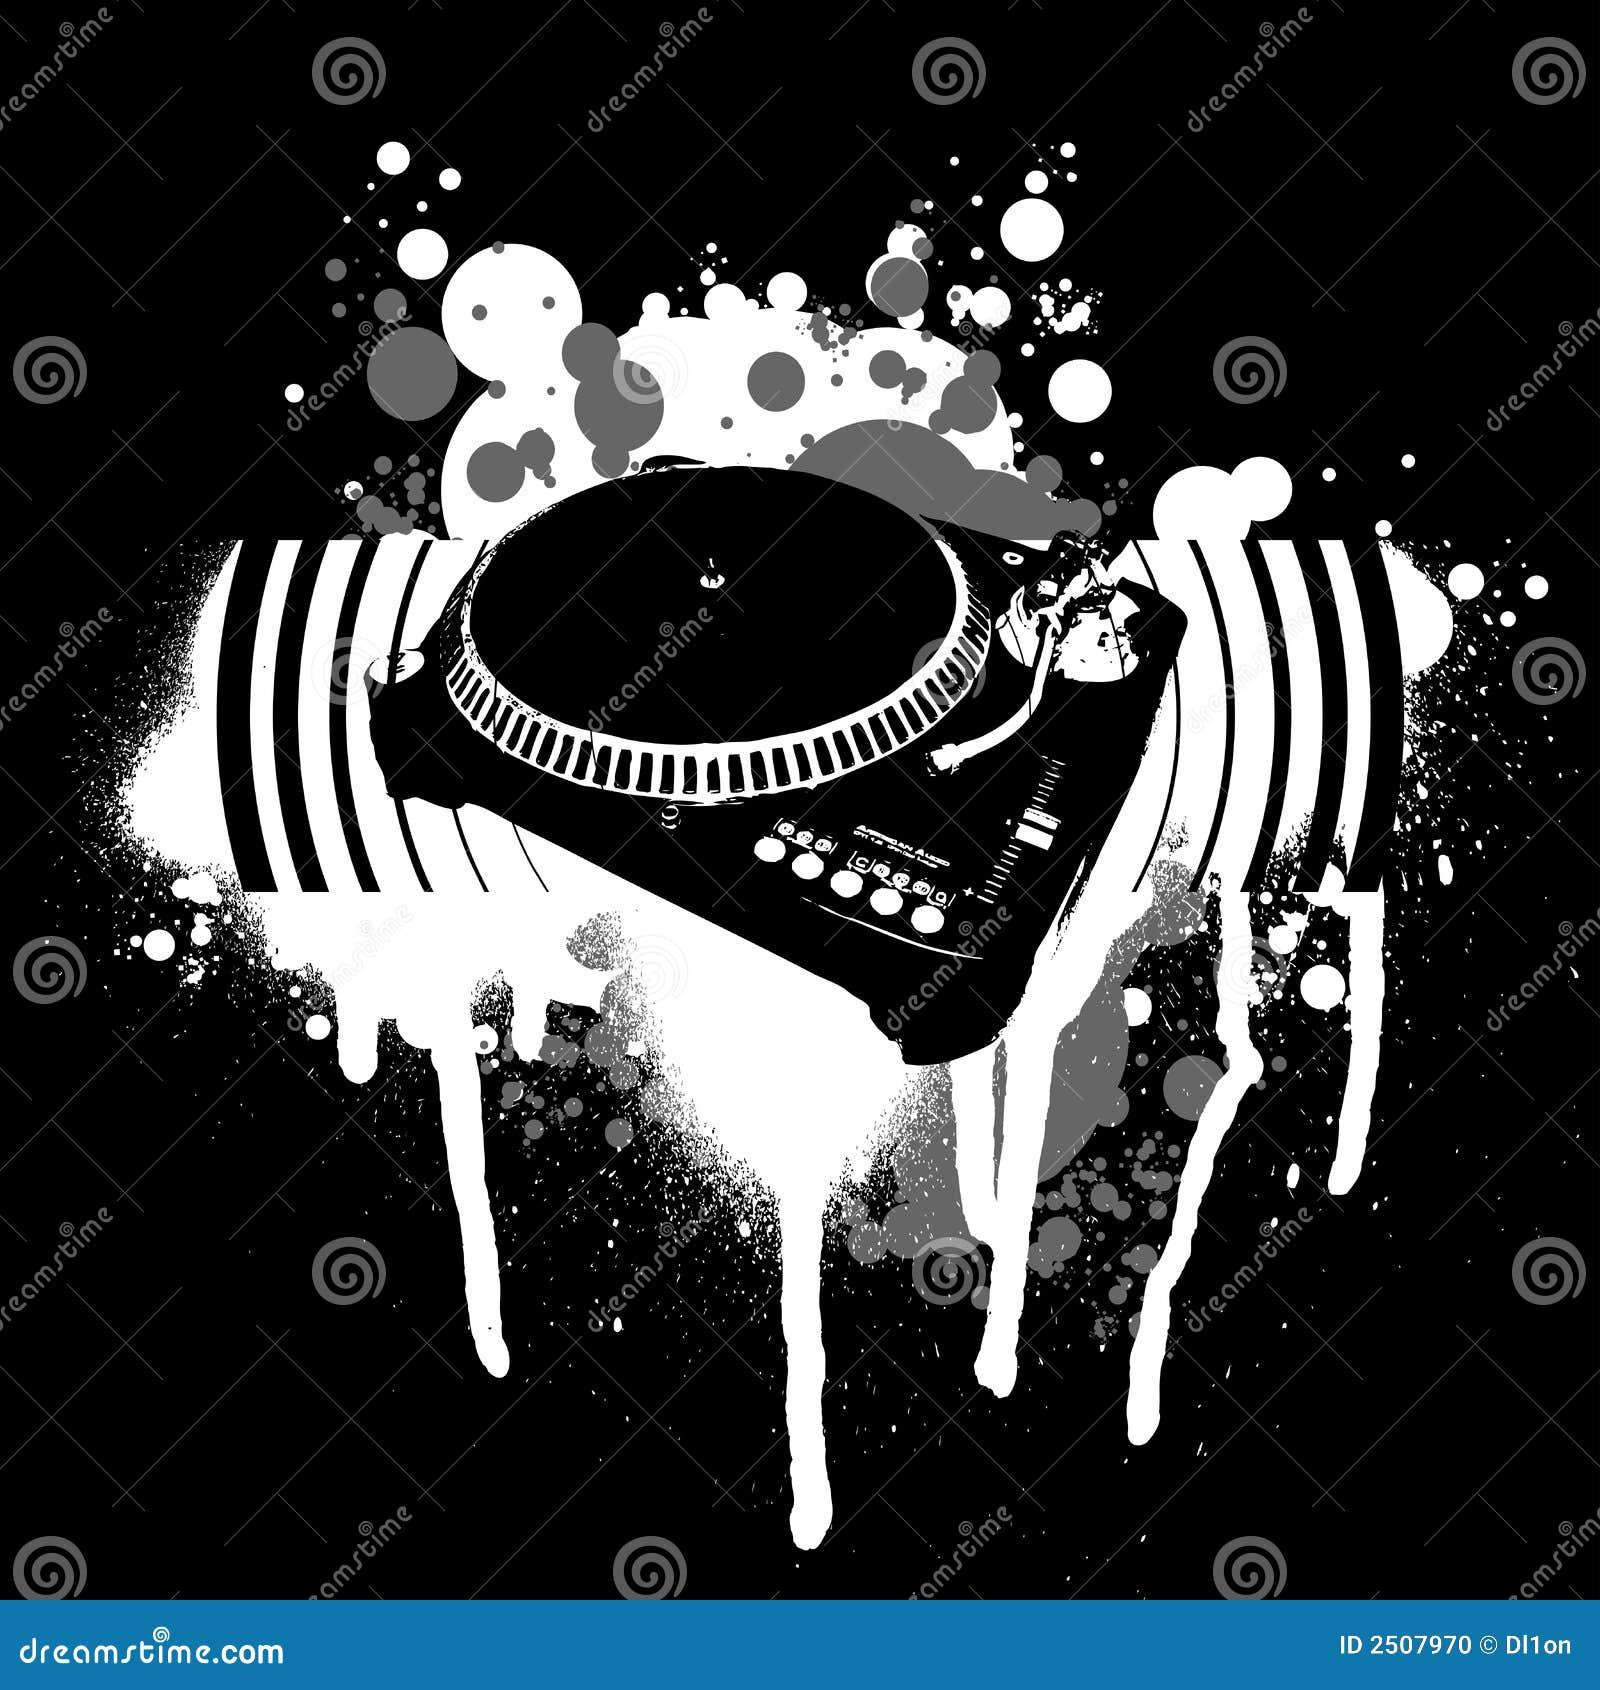 Graffiti black white turntable illustration 2507970 megapixl